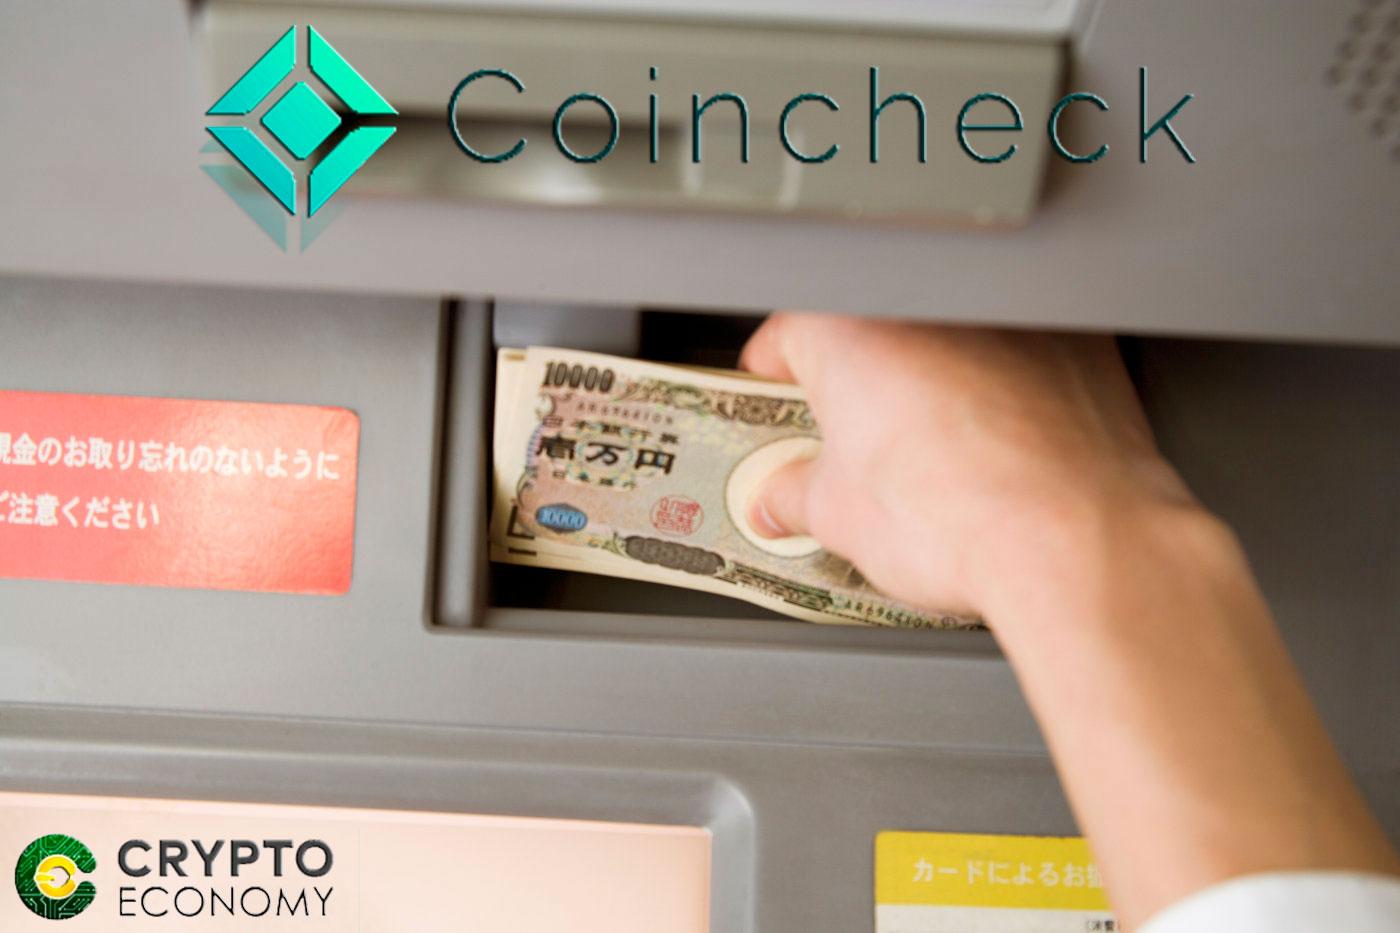 Coinckeck unlocks yen